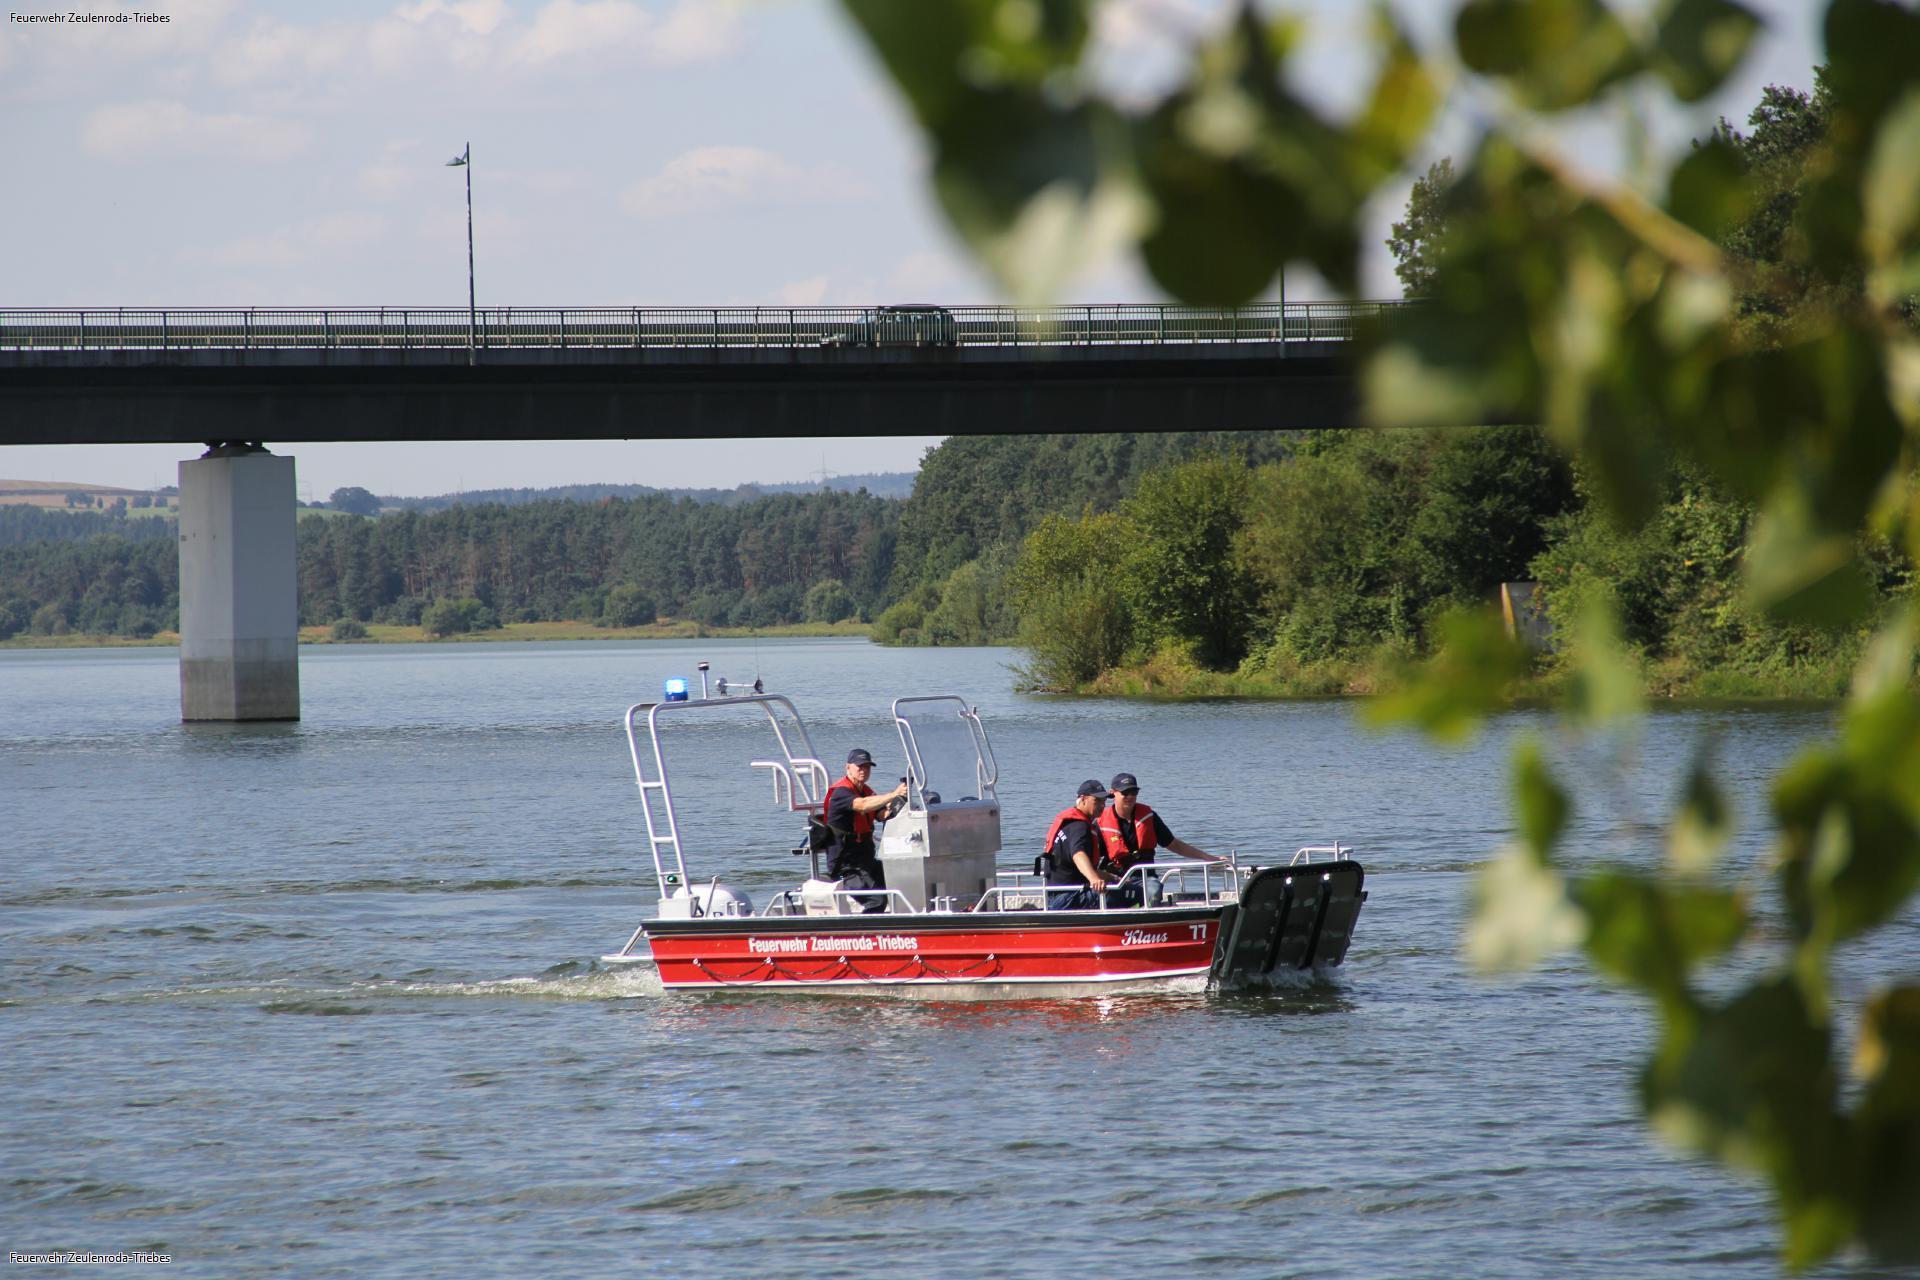 Neues Rettungsboot der Feuerwehr Zeulenroda